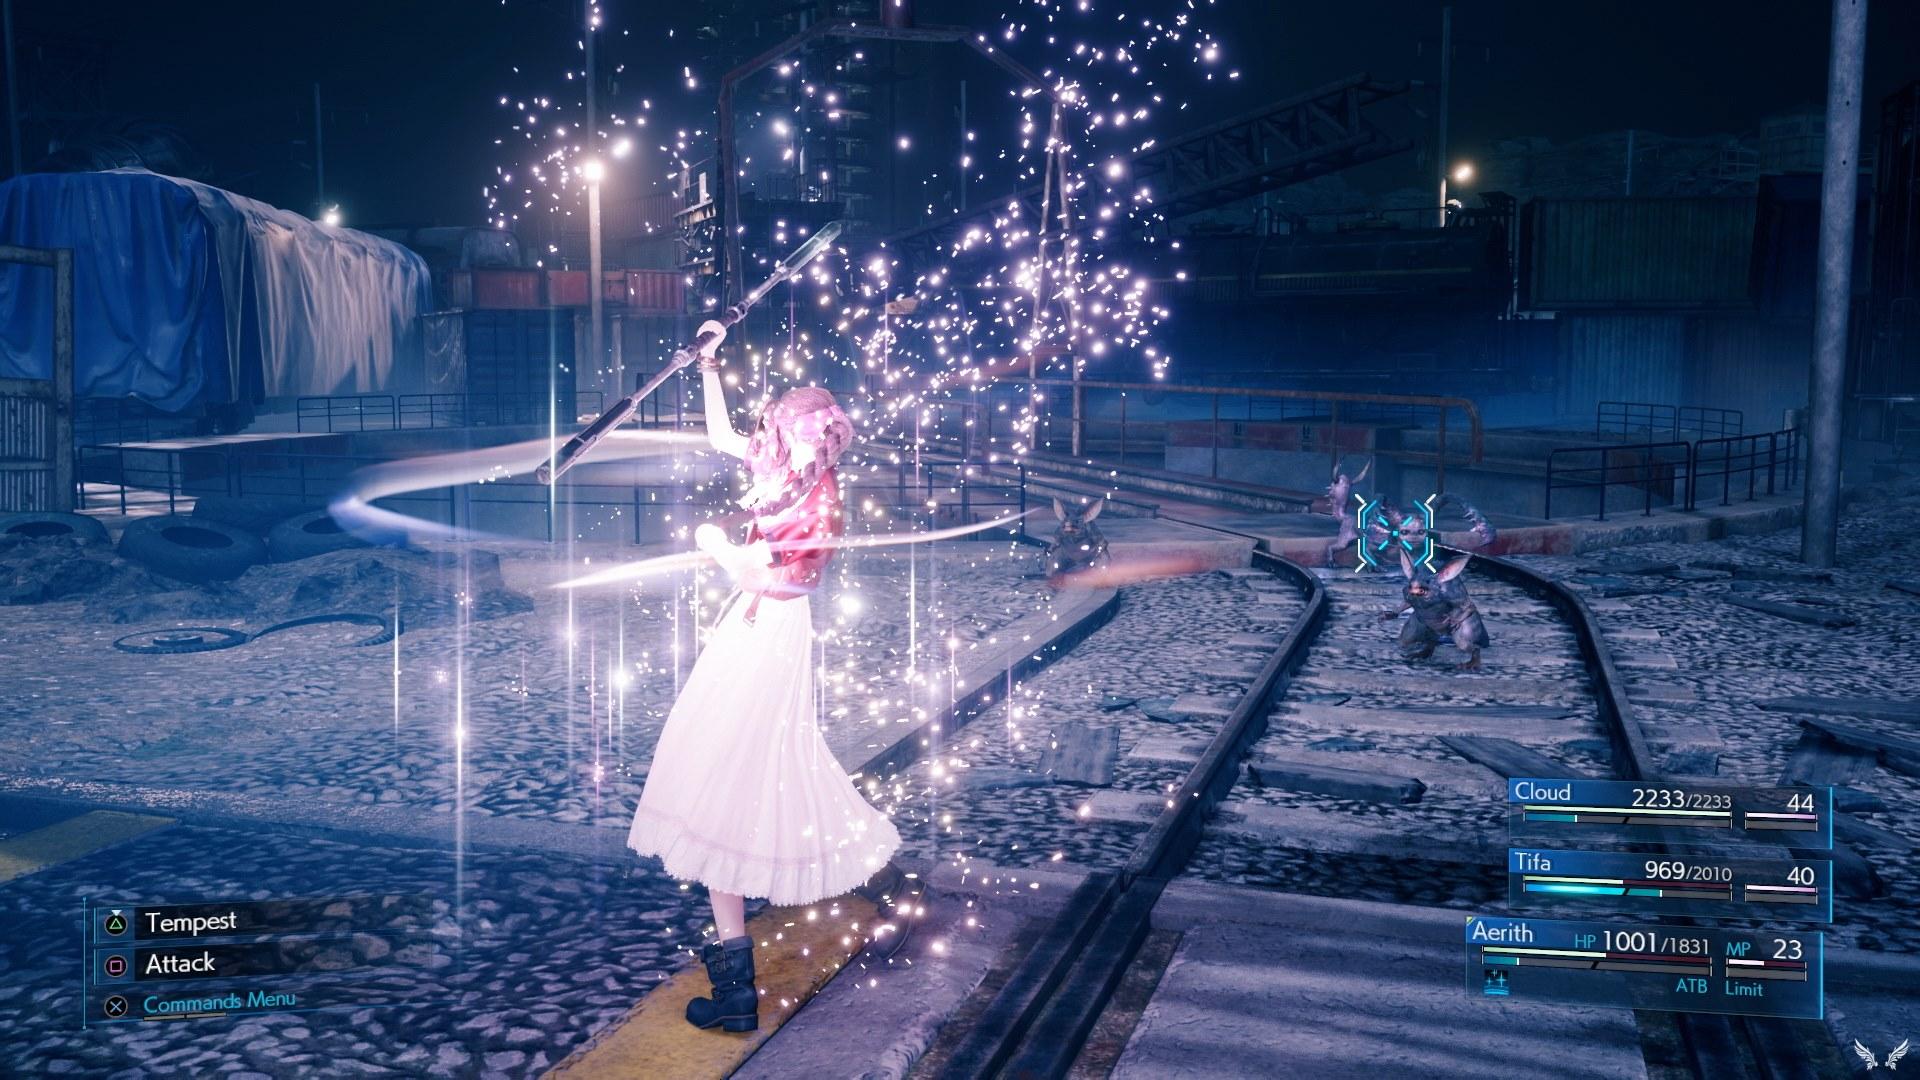 Nuove immagini e info su combattimento (focus su Tifa Lockhart), ambientazioni e missioni per Final Fantasy VII Remake!